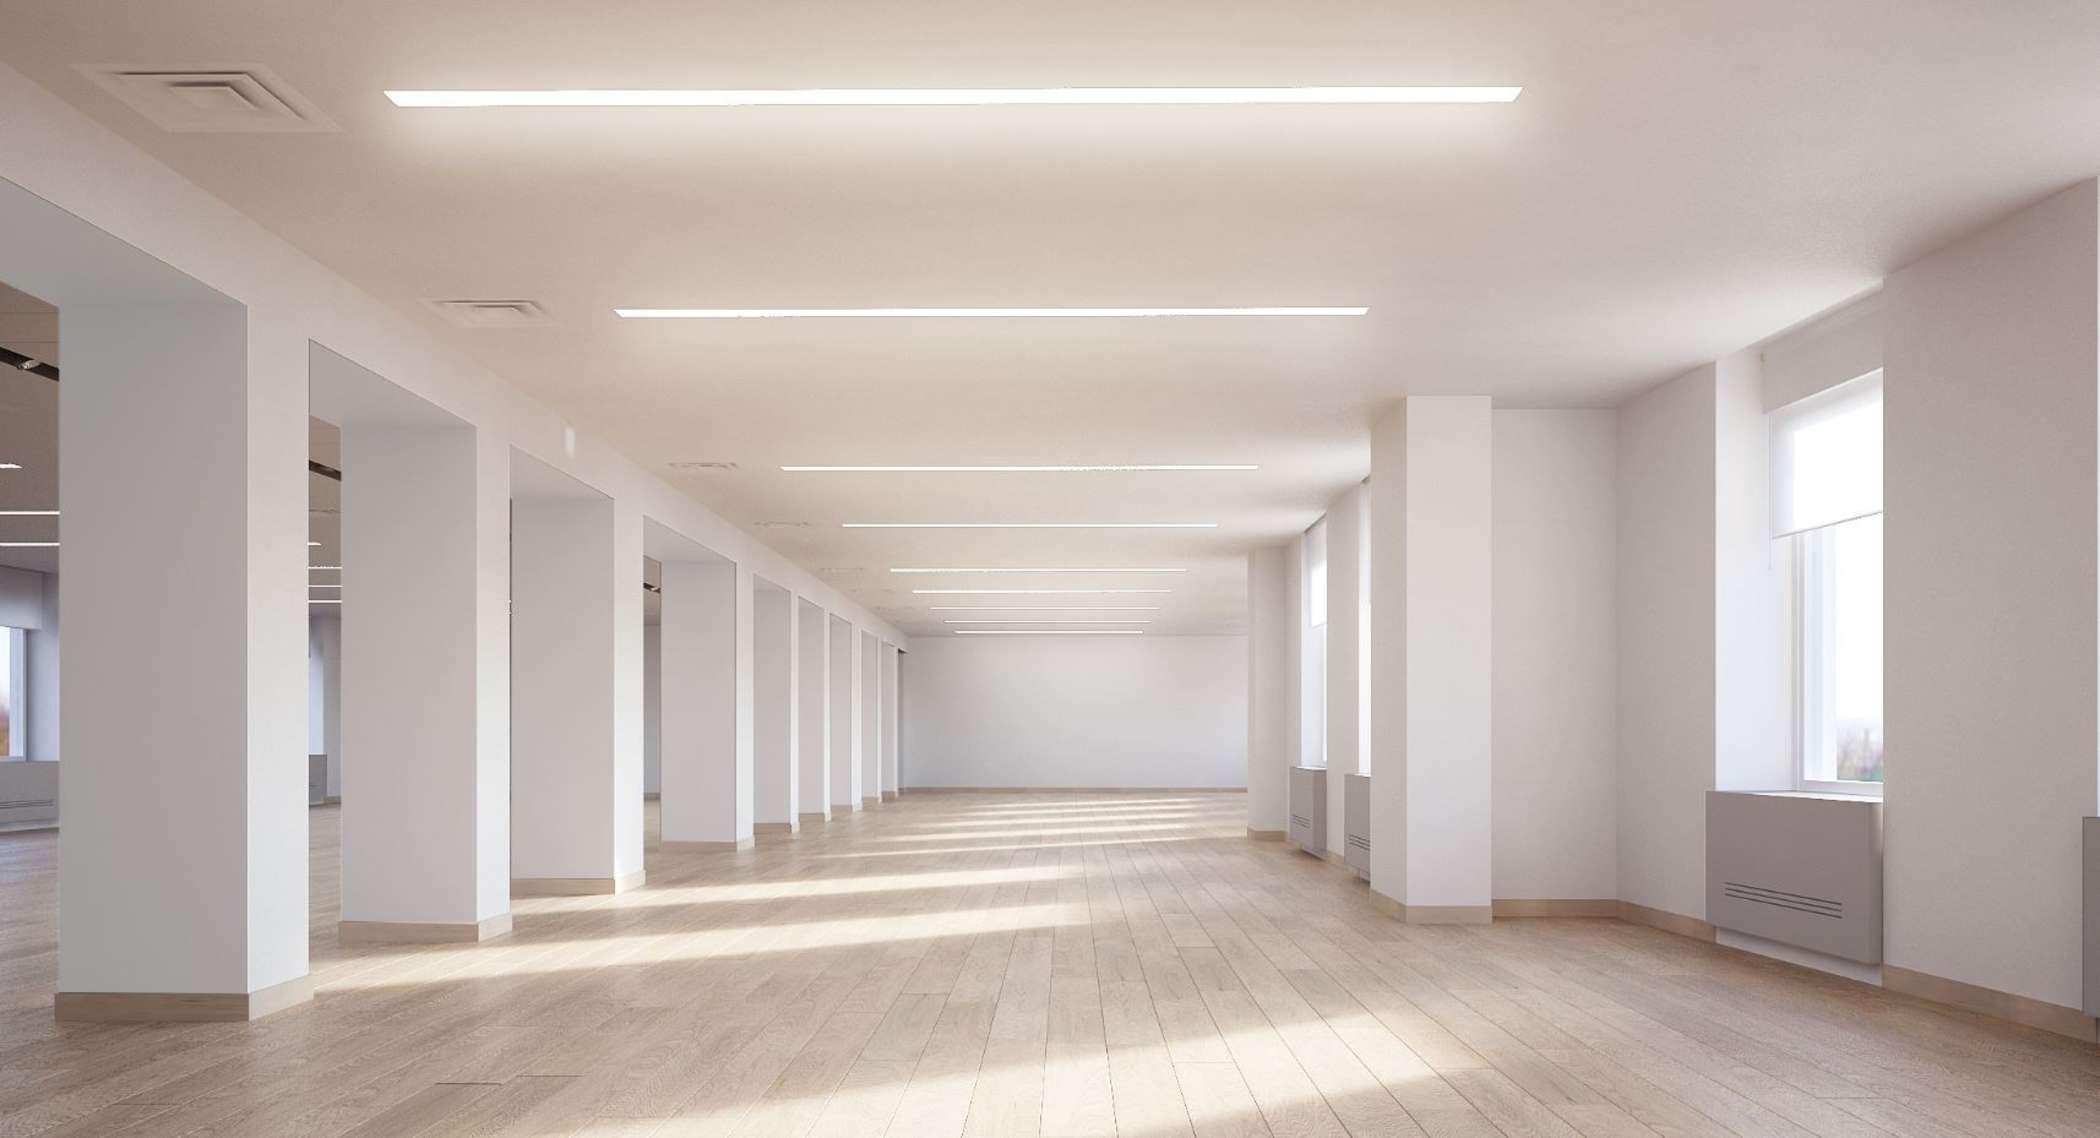 Via borromei 5 uffici immobili per in locazione jll for Uffici attrezzati milano